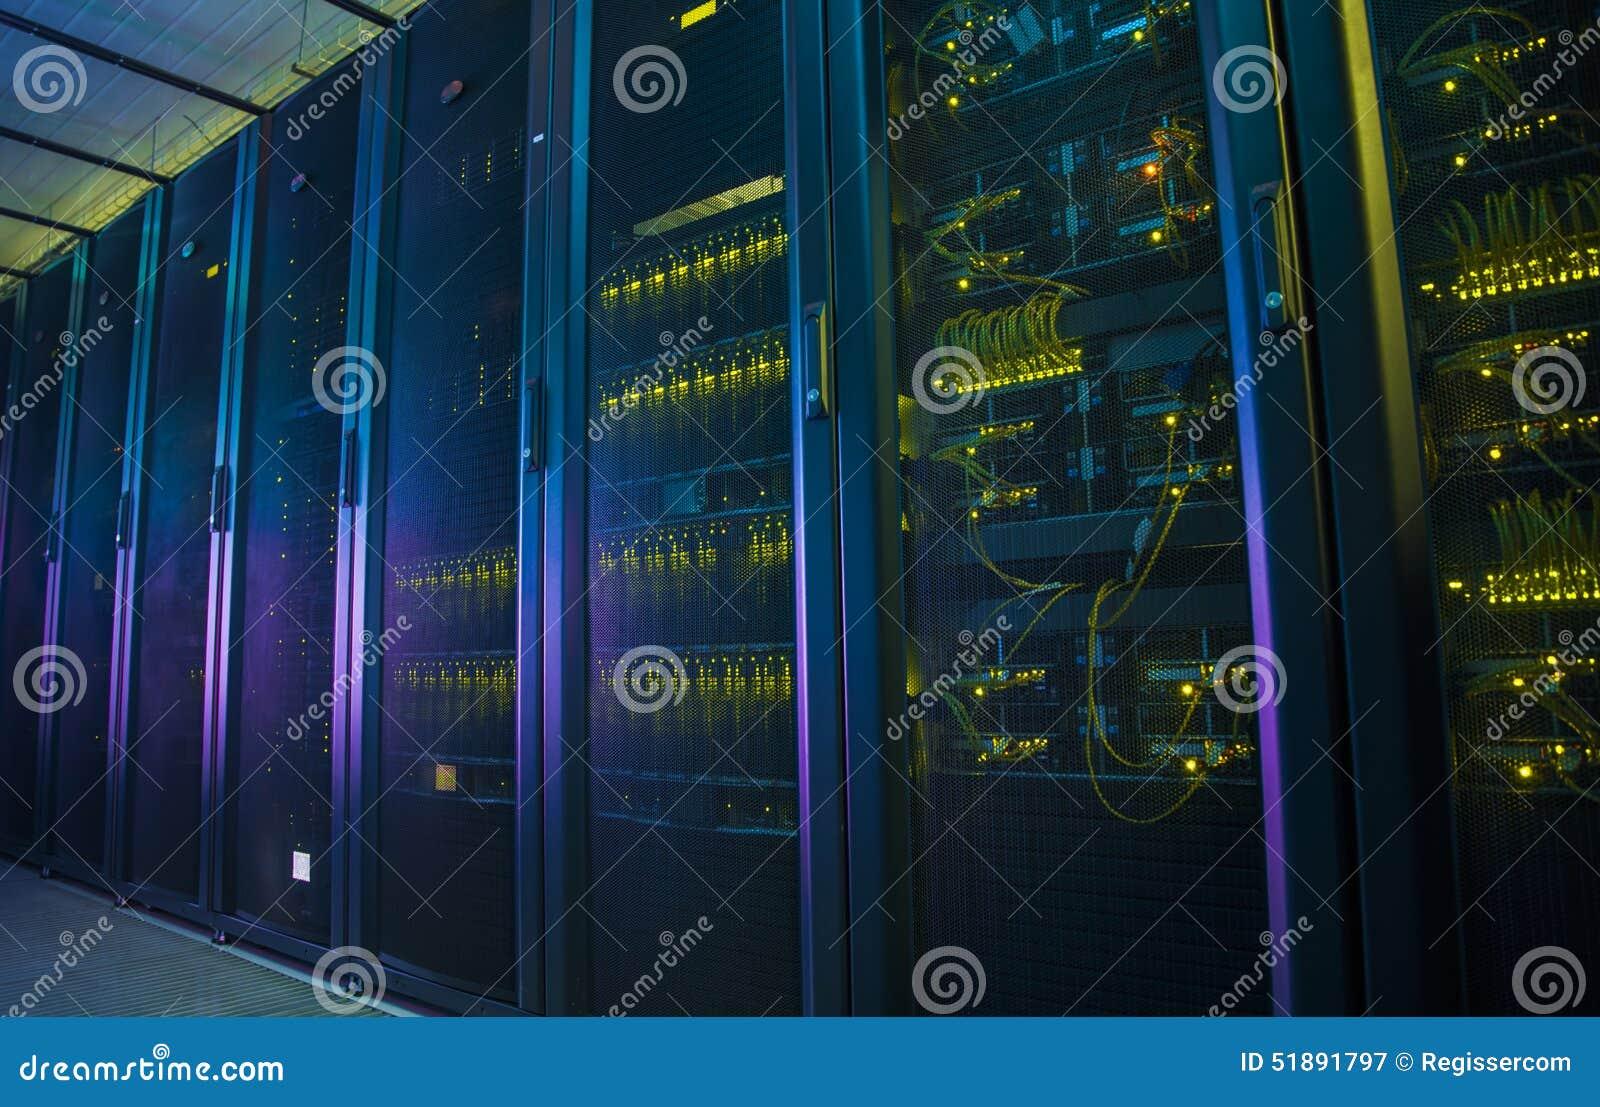 Servizi rete in un centro dati